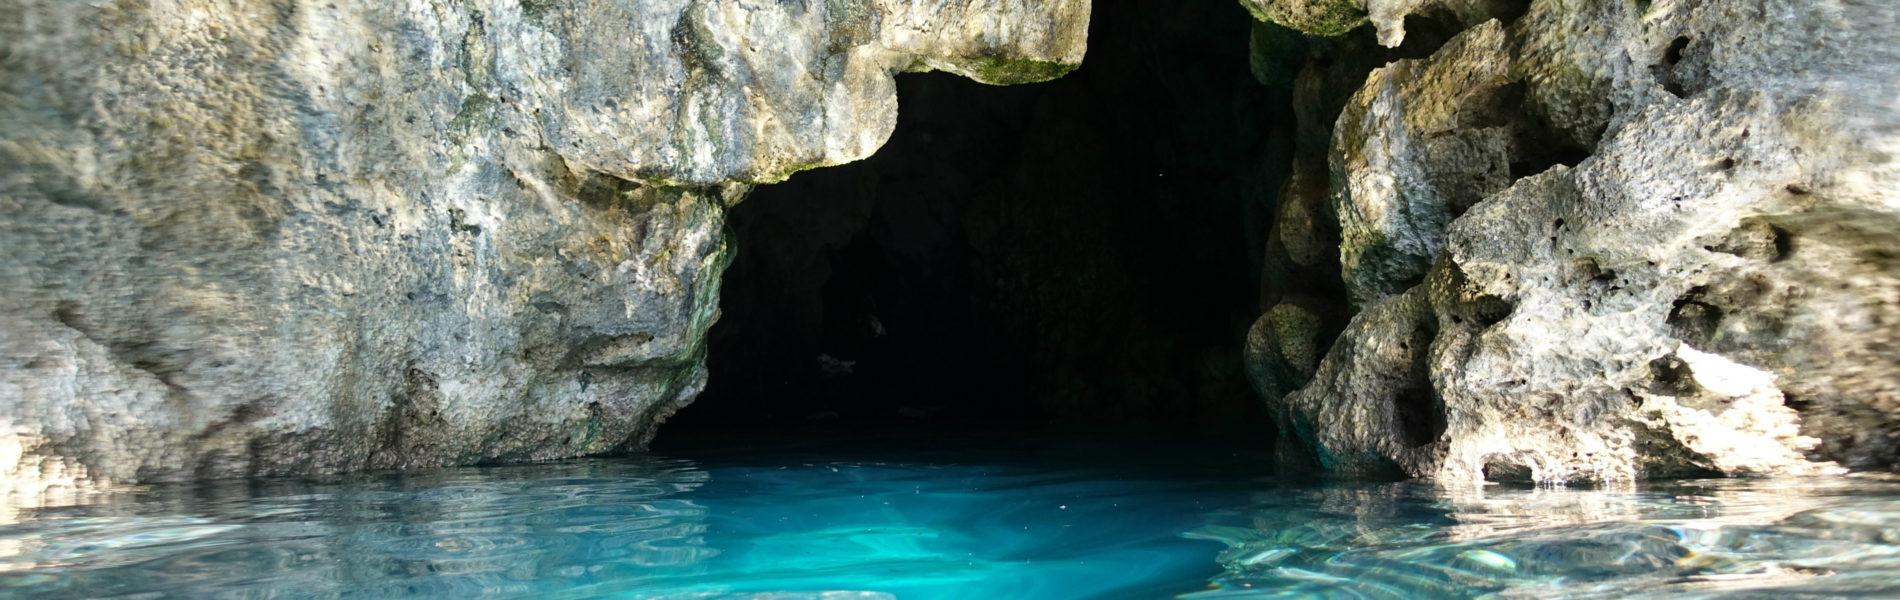 大人気!青の洞窟シュノーケル!